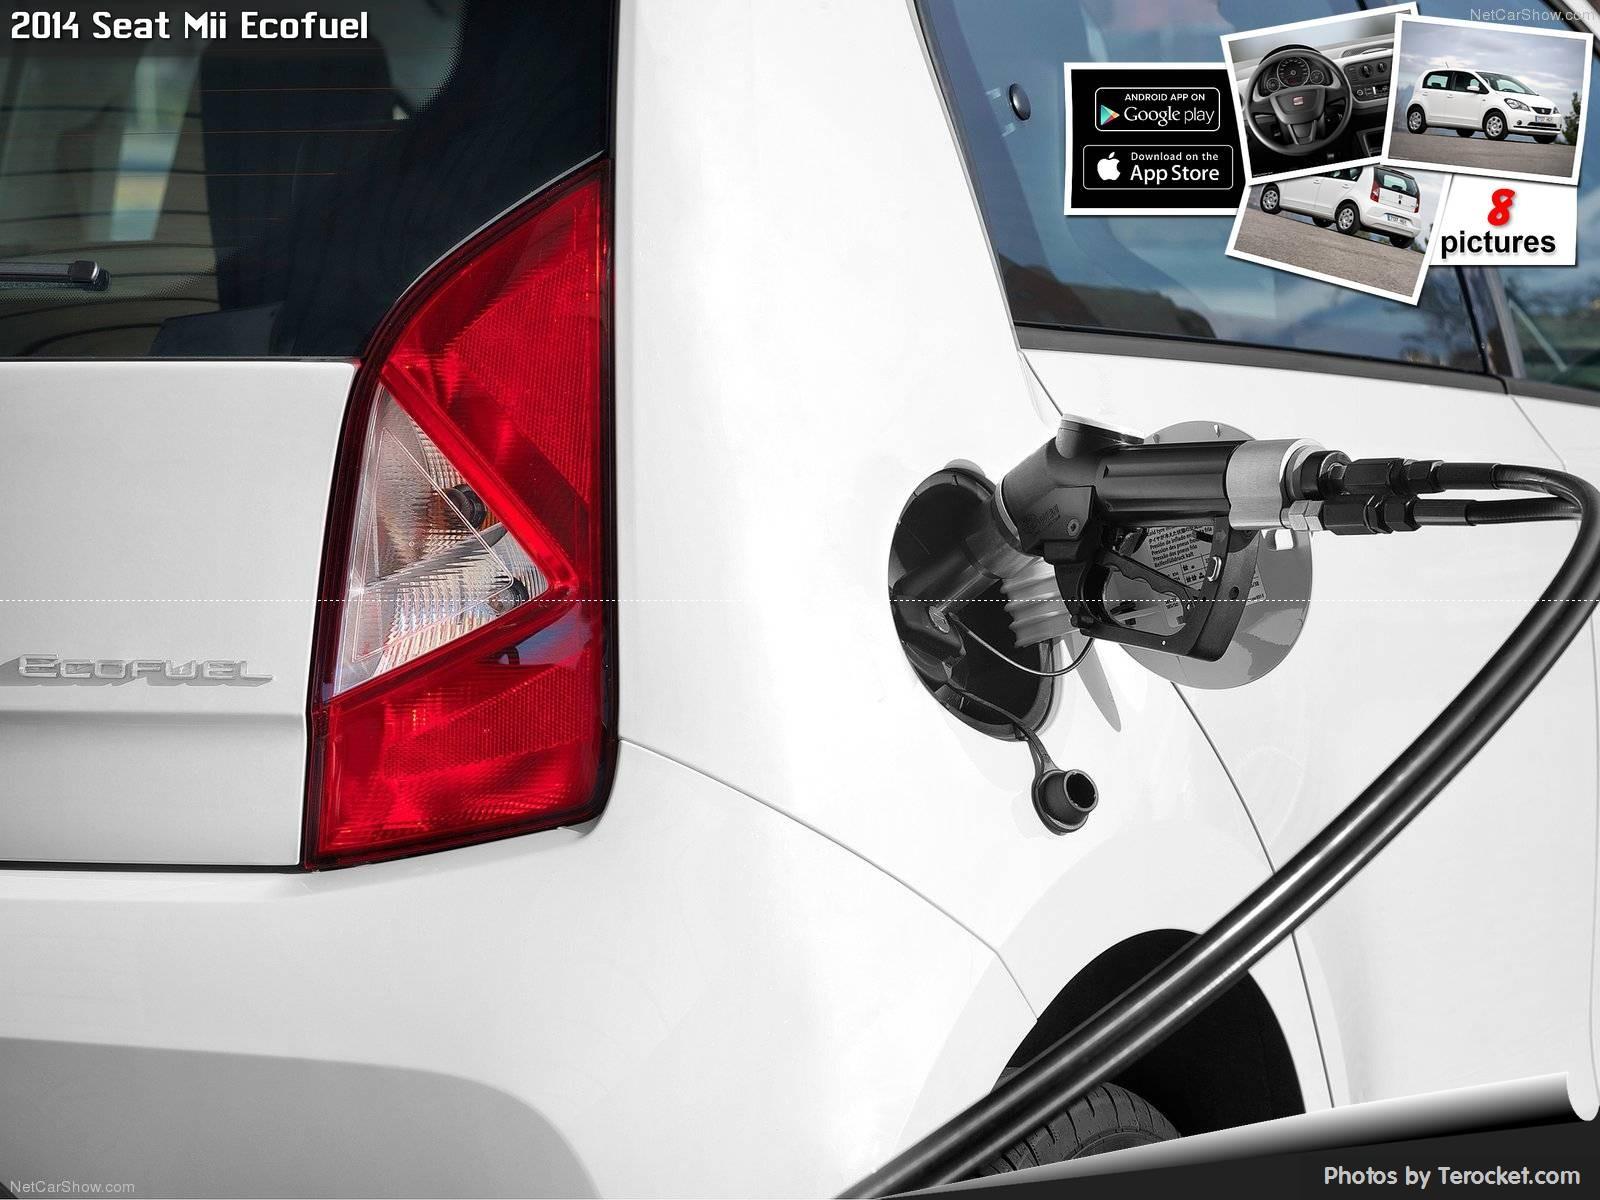 Hình ảnh xe ô tô Seat Mii Ecofuel 2014 & nội ngoại thất